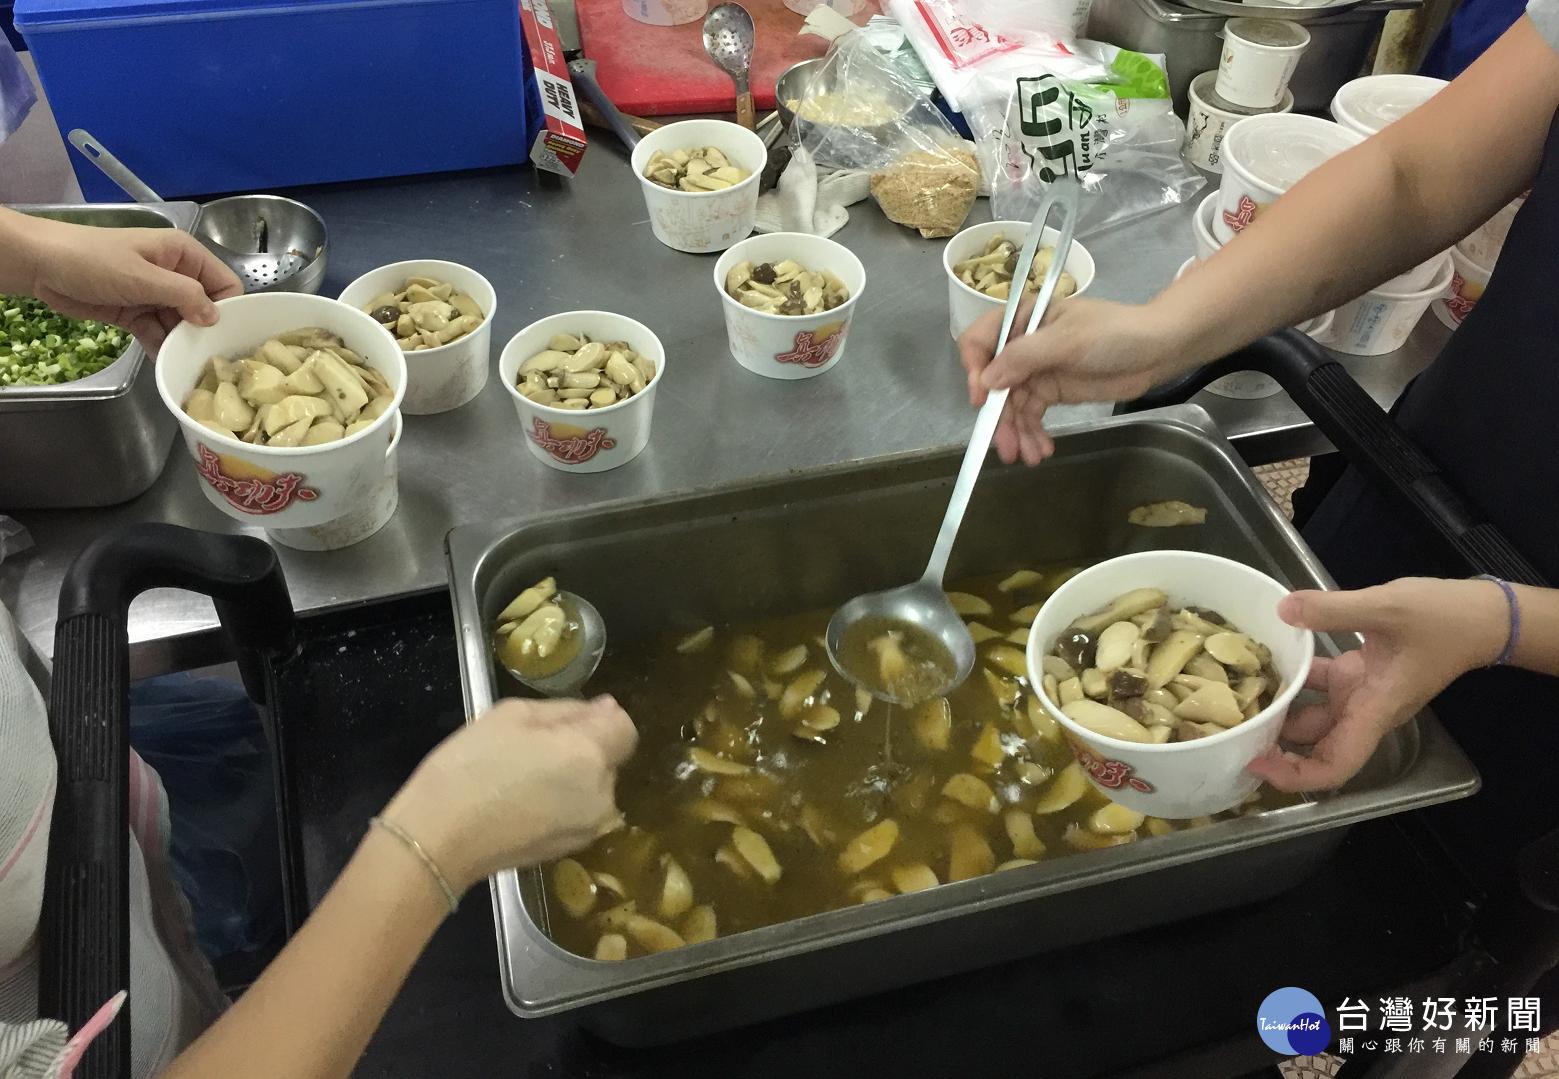 醃製食材首選健康配方 朴子醫院詹舒婷手作田園蔬菜烤肉醬